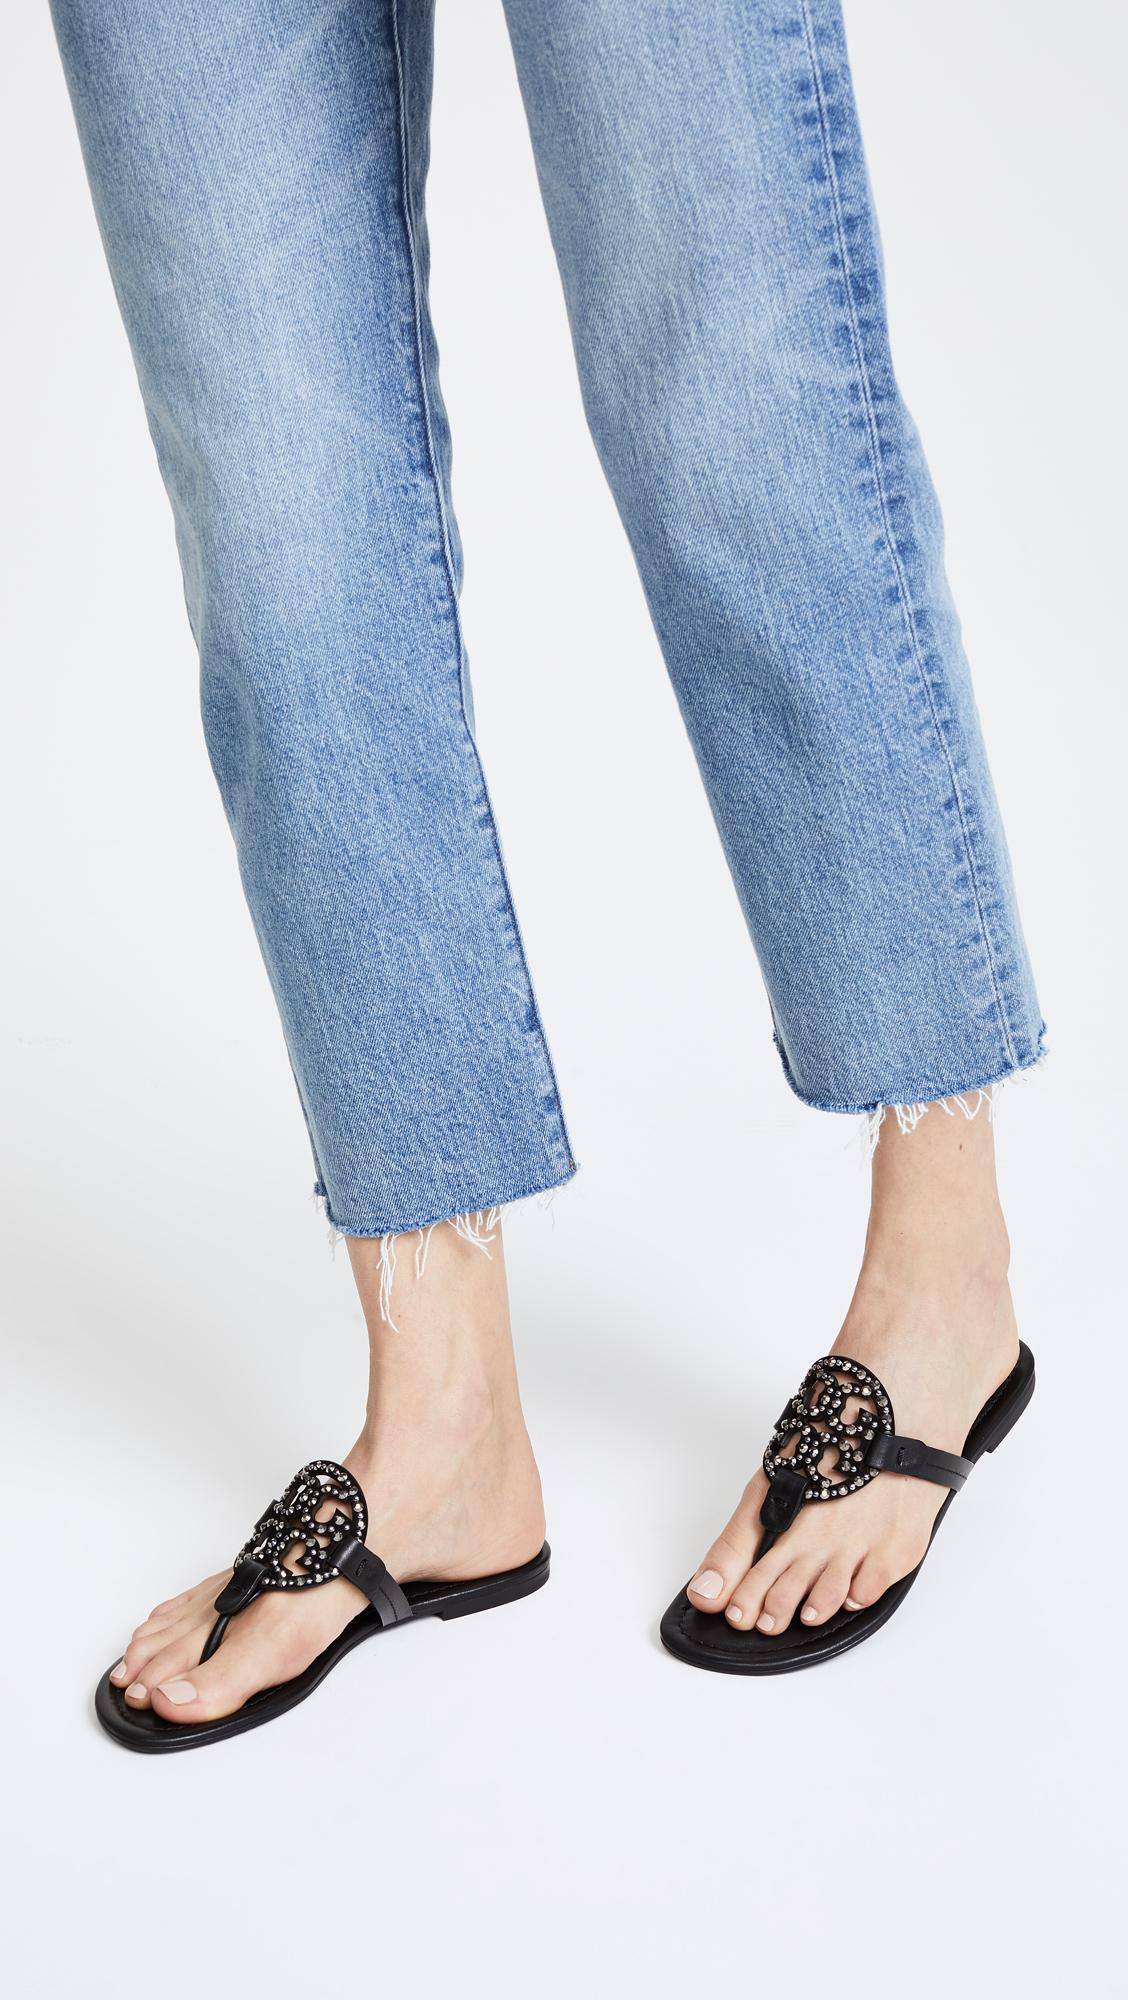 85100bfdaf1eb Tory Burch Miller Embellished Sandals